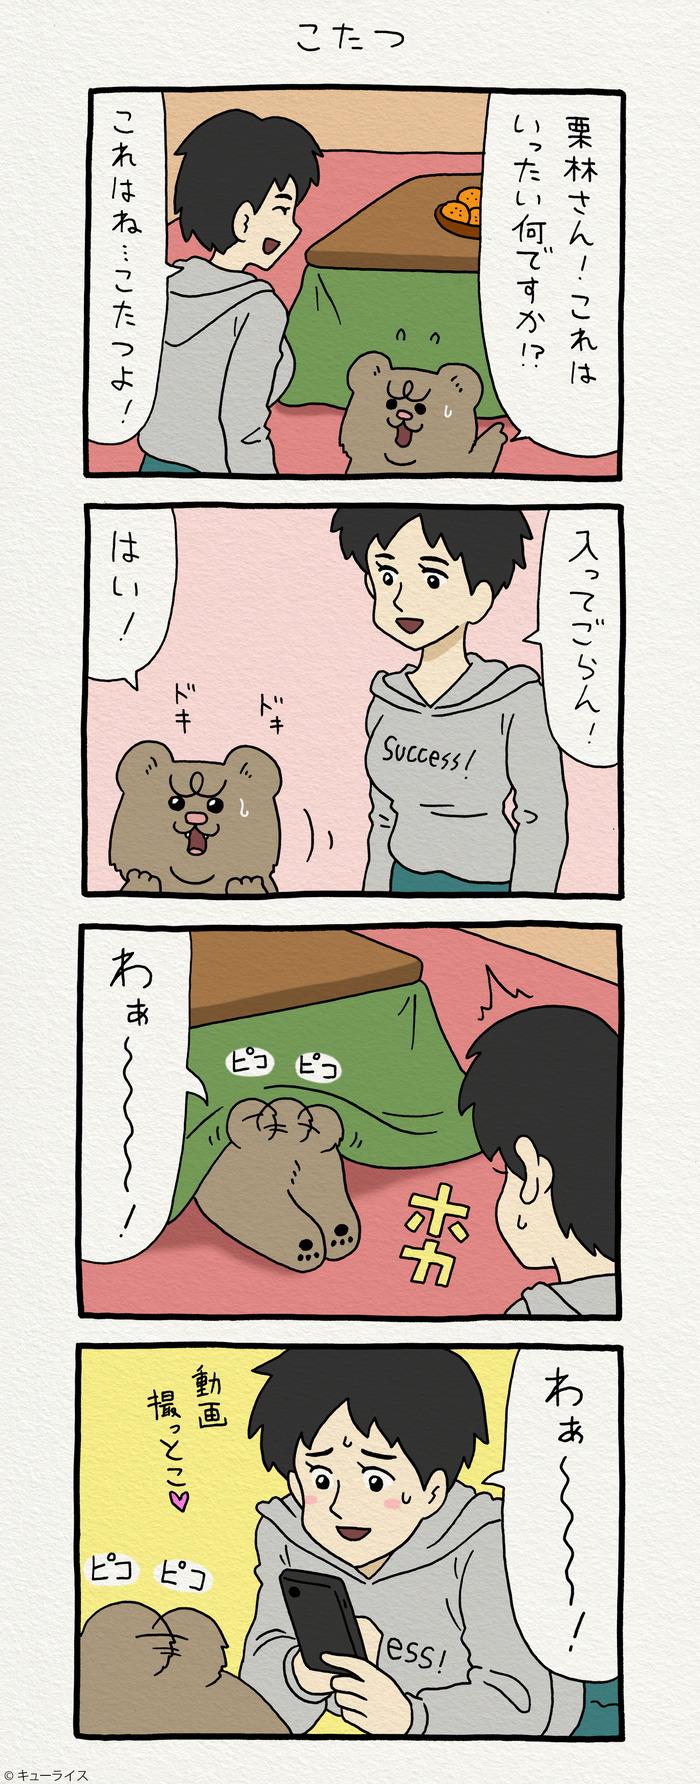 悲熊とこたつ1 のコピー